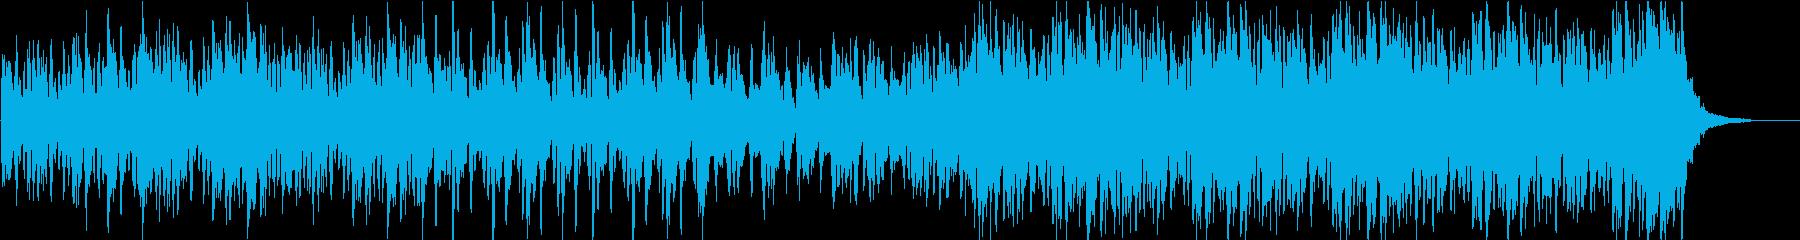 悲劇的で重々しいフルオーケストラ楽曲の再生済みの波形